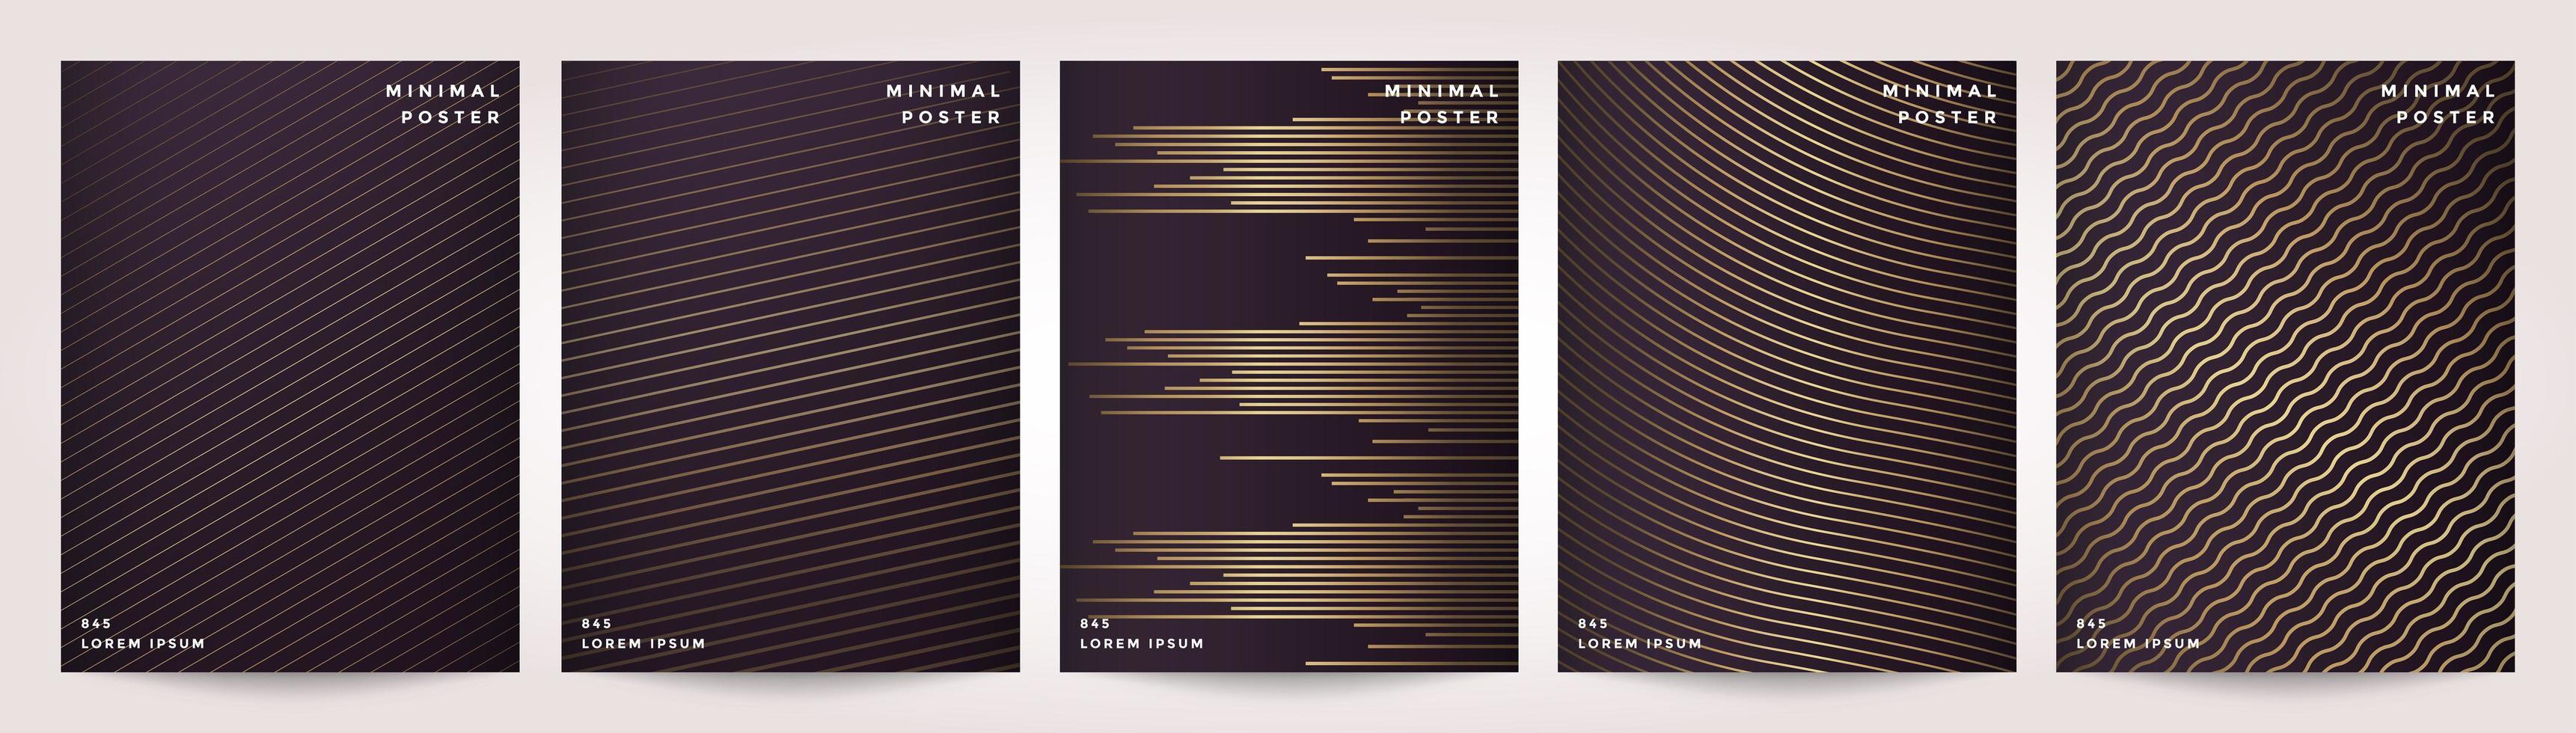 minimale Abdeckung in Gold abstrakte Linie Muster für Poster Design-Set vektor